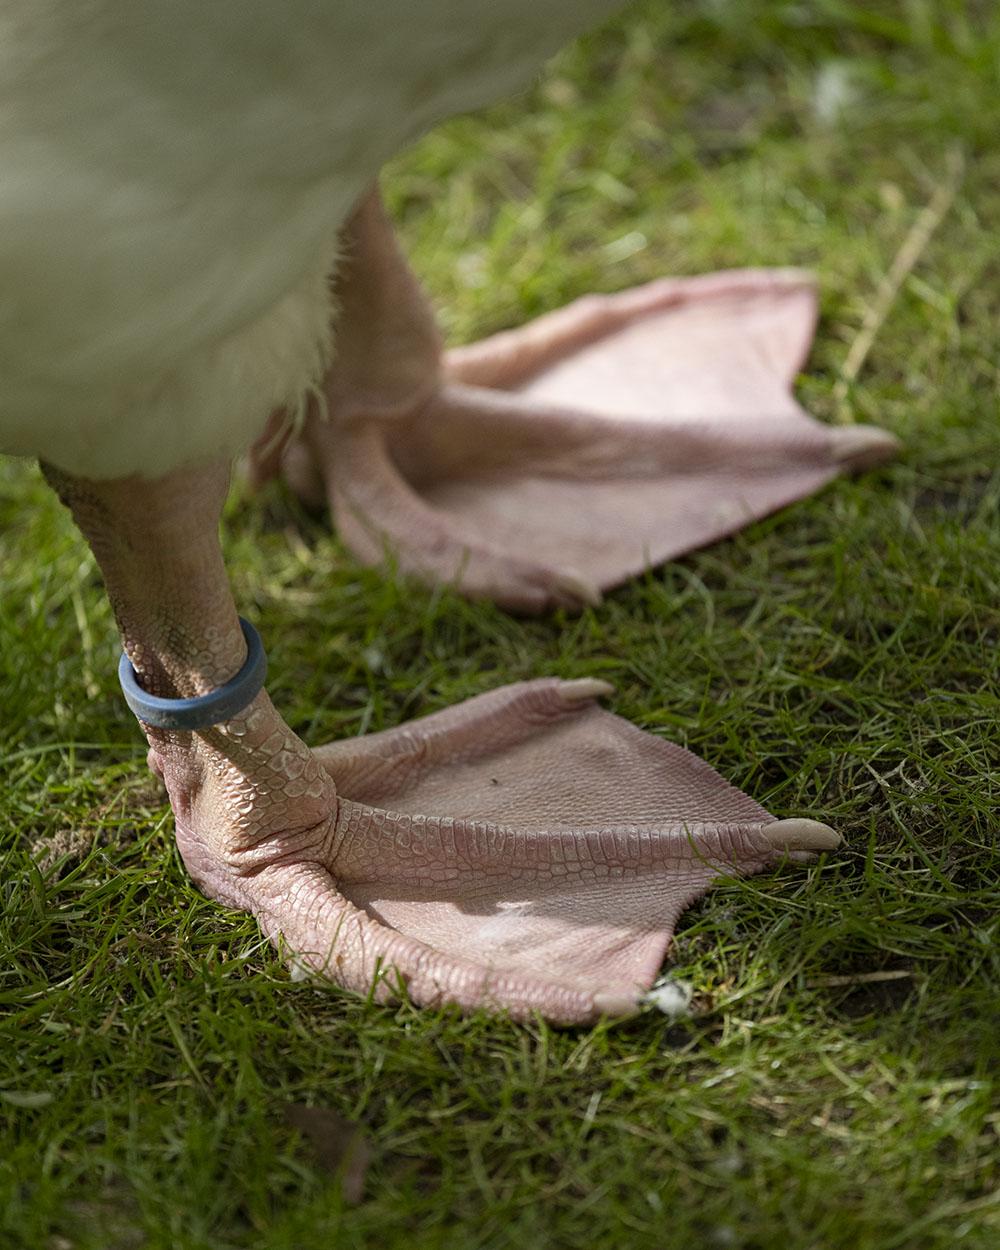 Diepholzer Gänse laufen im Tierpark Arche Warder frei uf dem Gelände. Hier haben wir die Füße einer Gans in Nahaufnahme fotografiert.